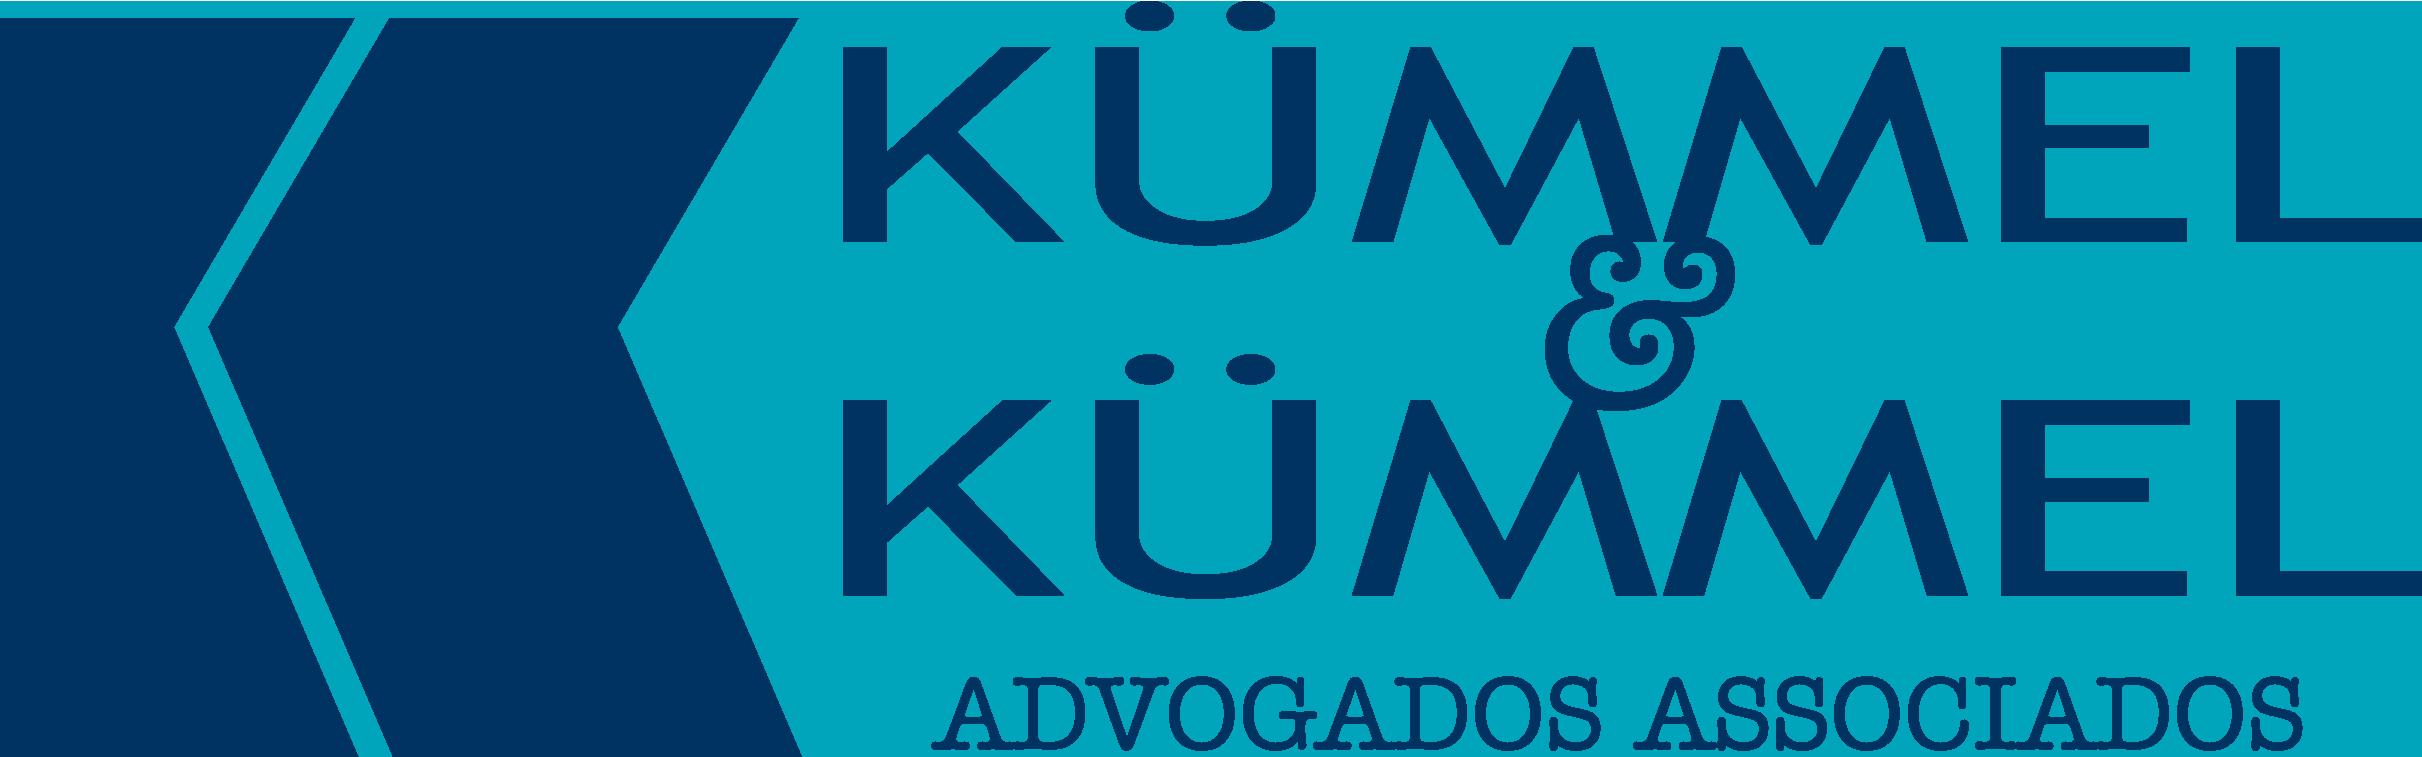 Kümmel & Kümmel Advogados Associados